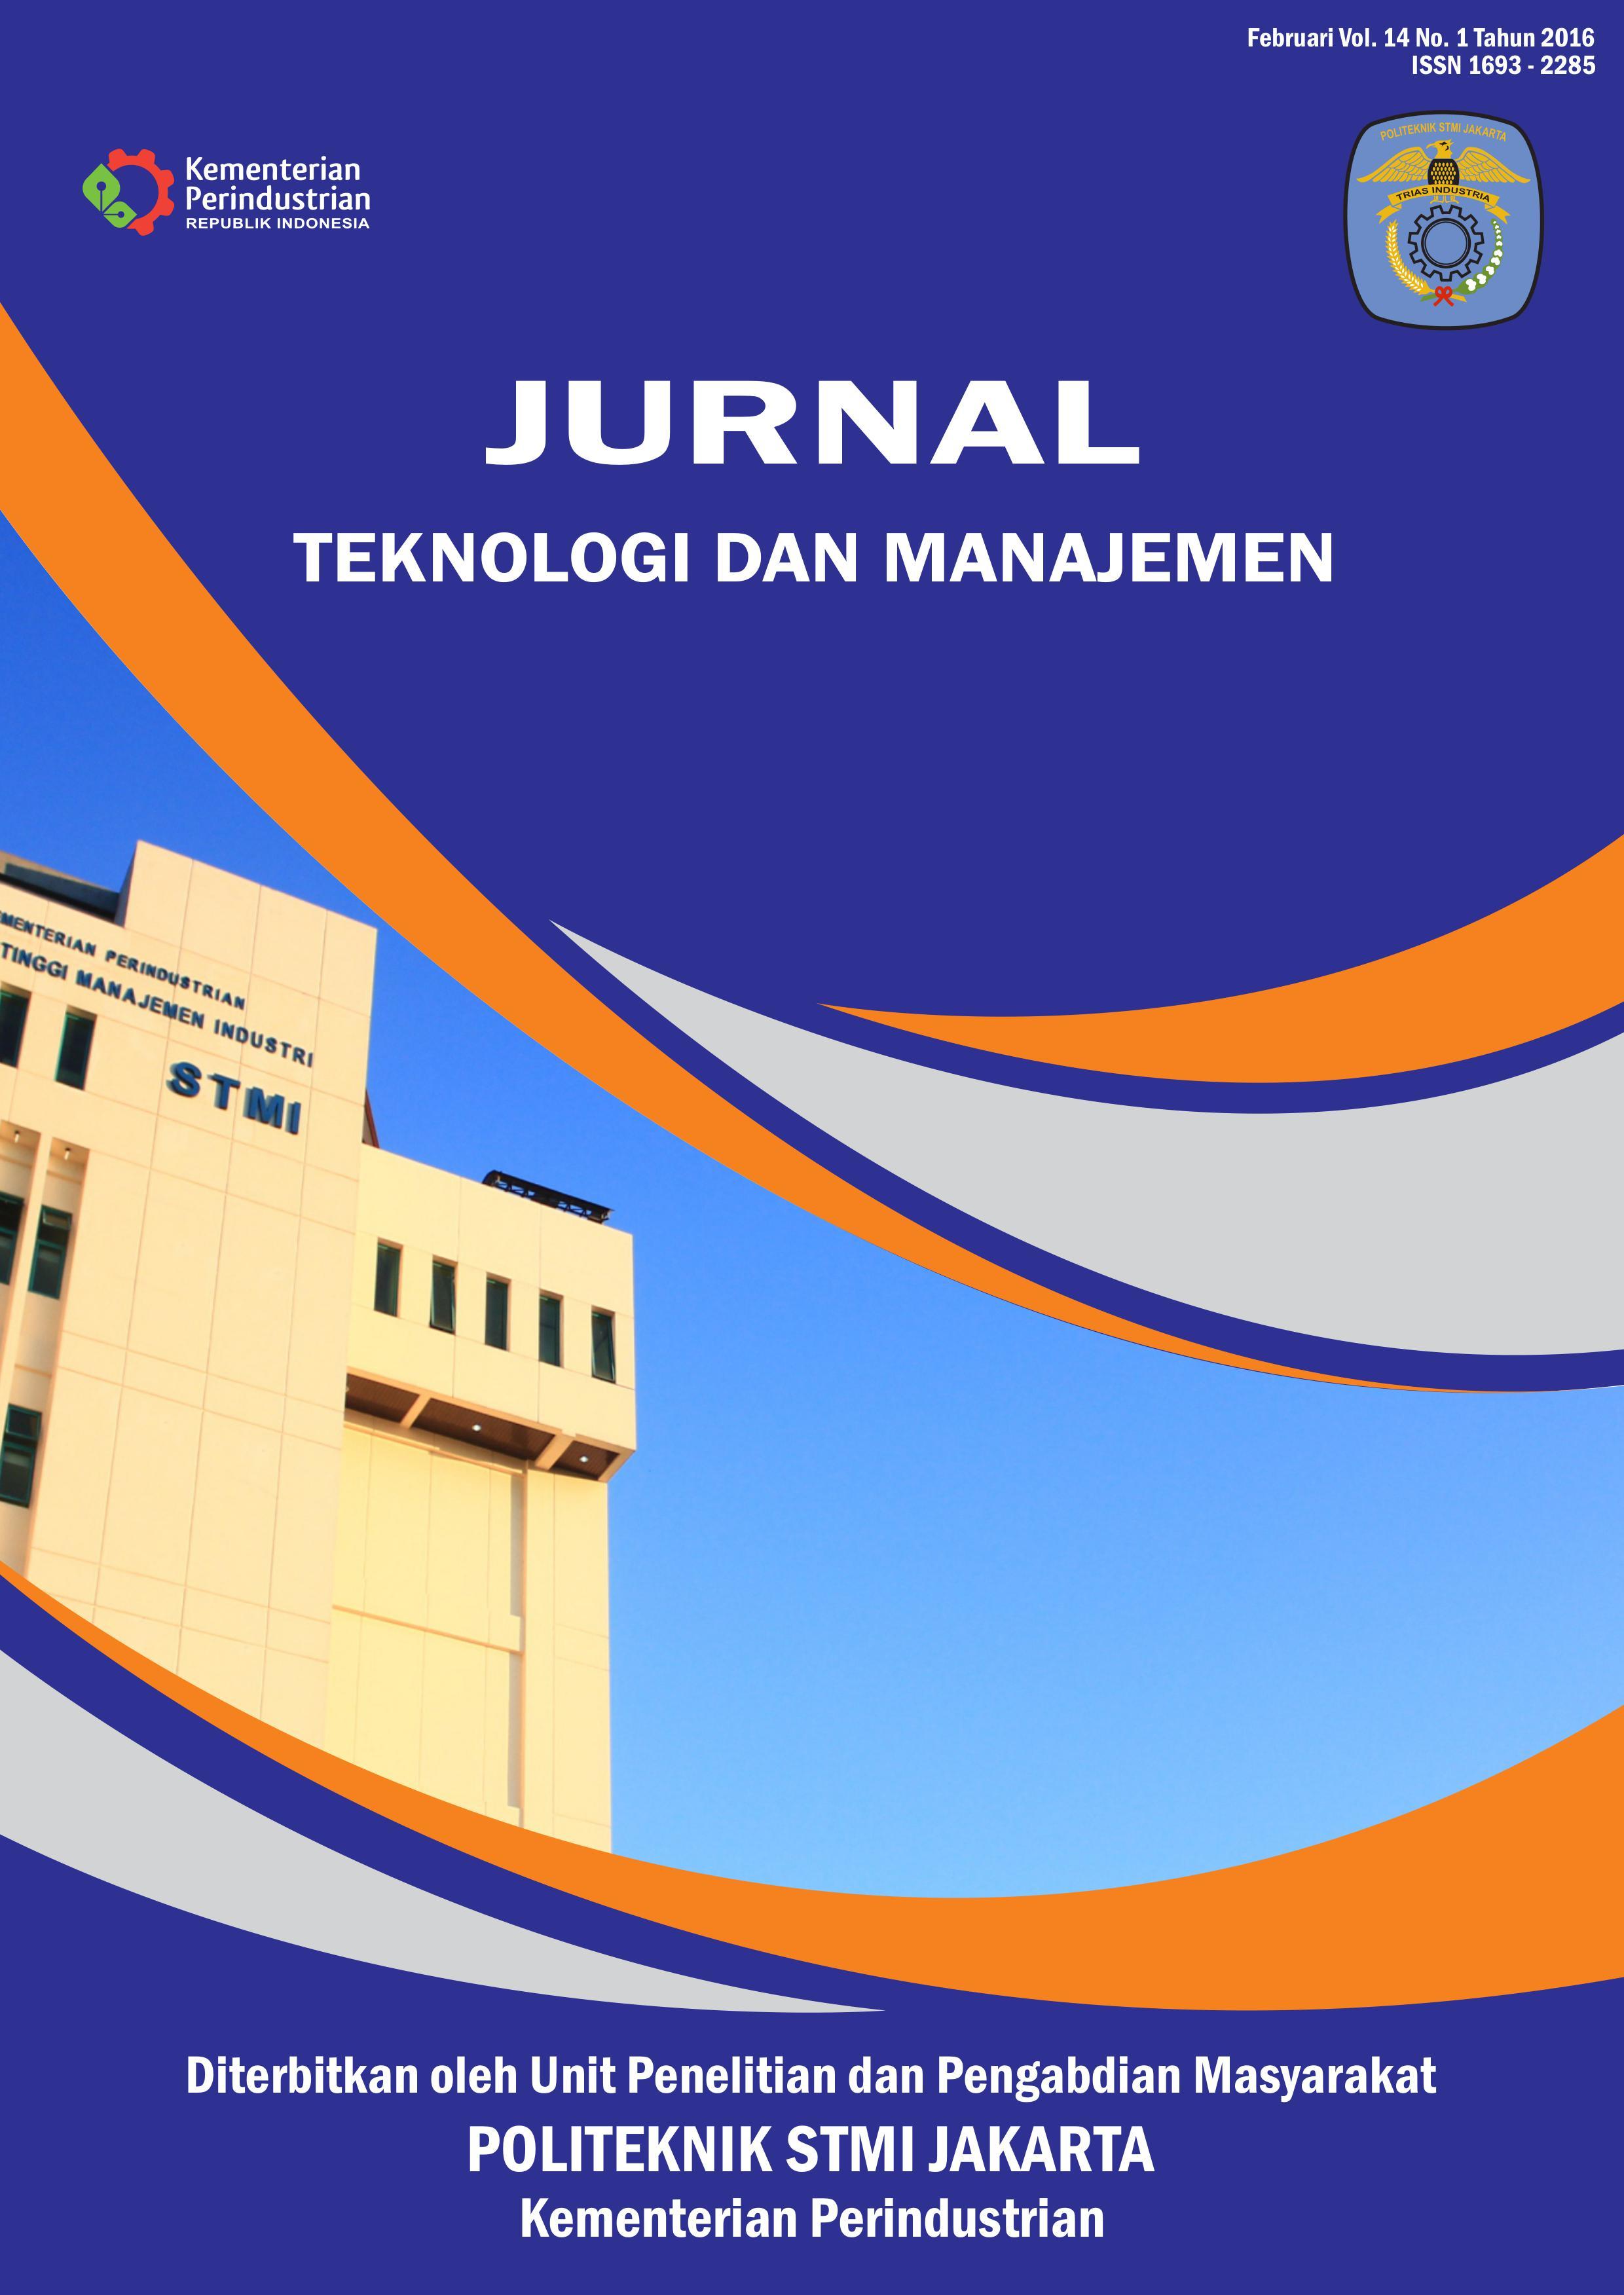 Jurnal Teknologi dan Manajemen Volume 14 No 1 Februari 2016